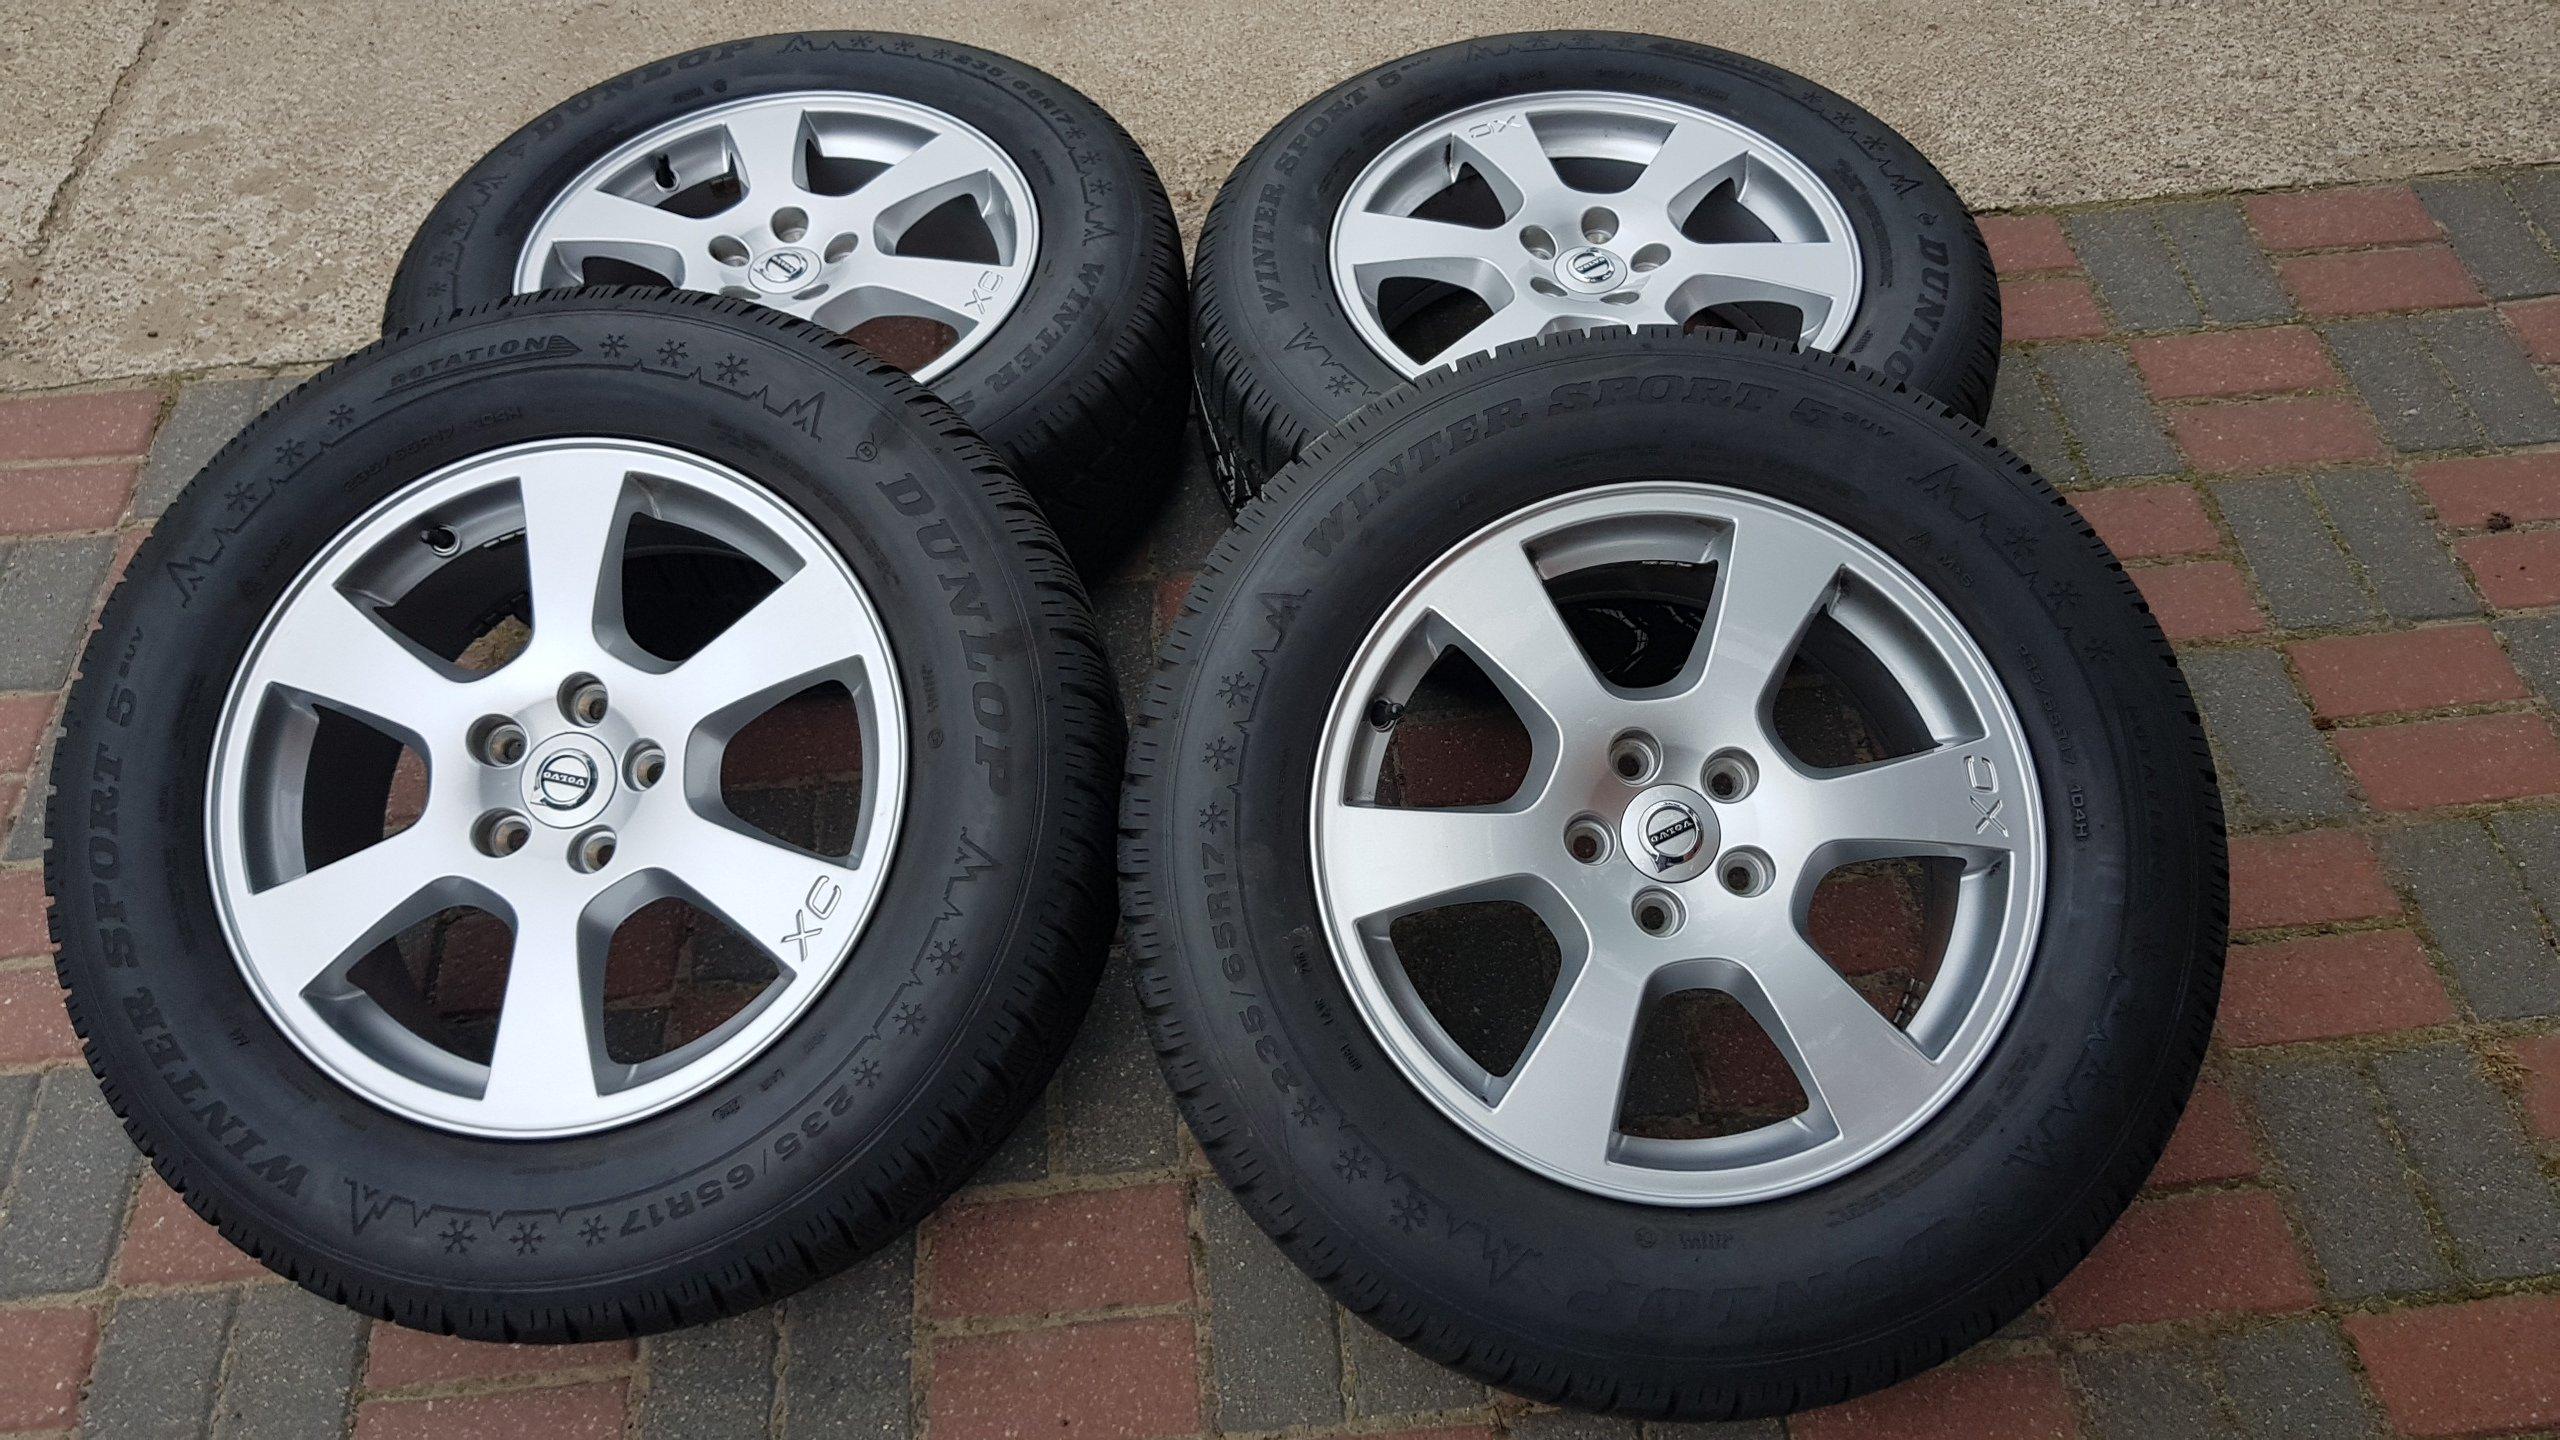 Koła Felgi Volvo Xc60 Xc70 23565r17 Opona Zima 7220450639